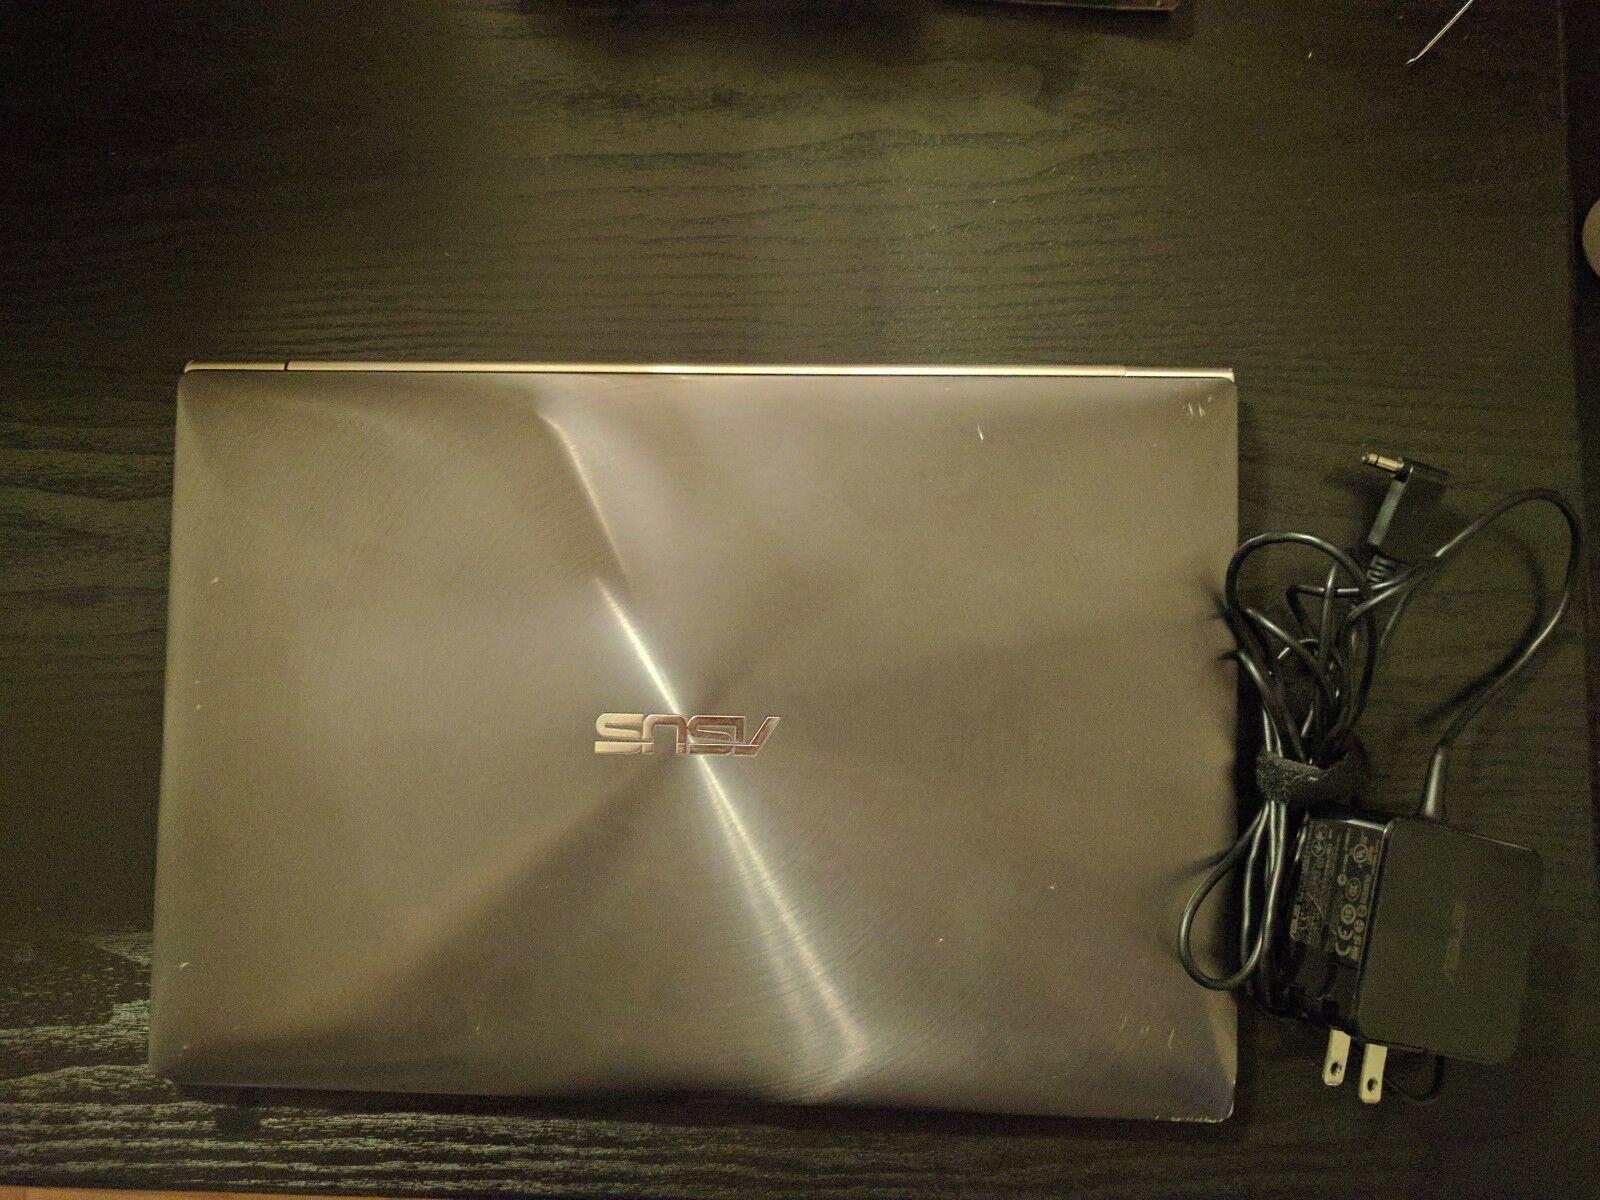 """Asus Zenbook UX31A-R5102F 13.3"""" Laptop Intel 128GB SSD Core i5 4GB 1080P"""